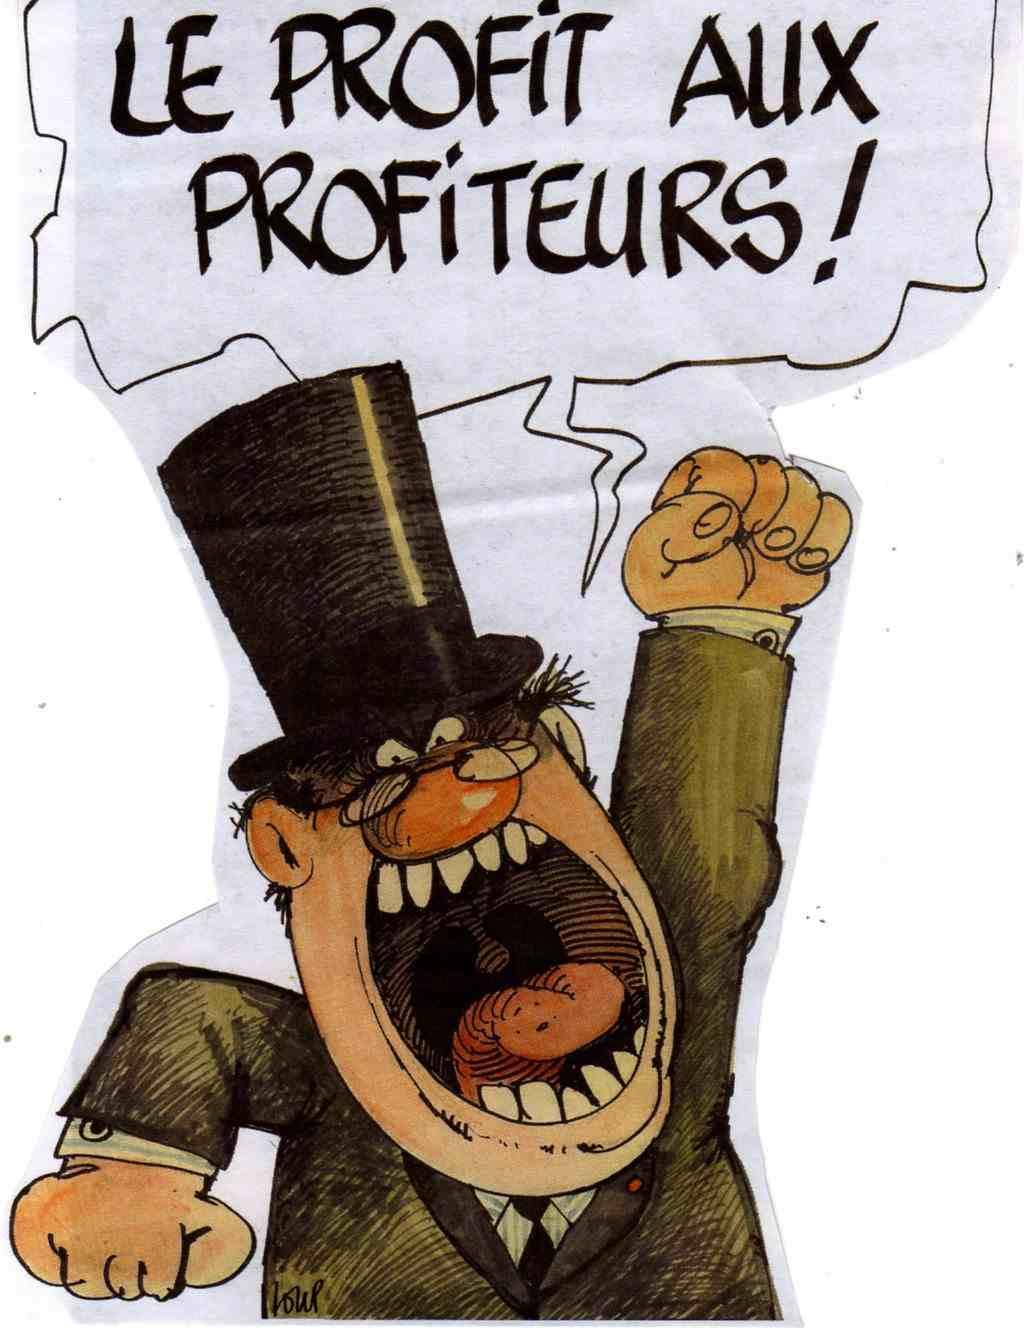 http://pagesperso-orange.fr/kergrist/profit.jpg